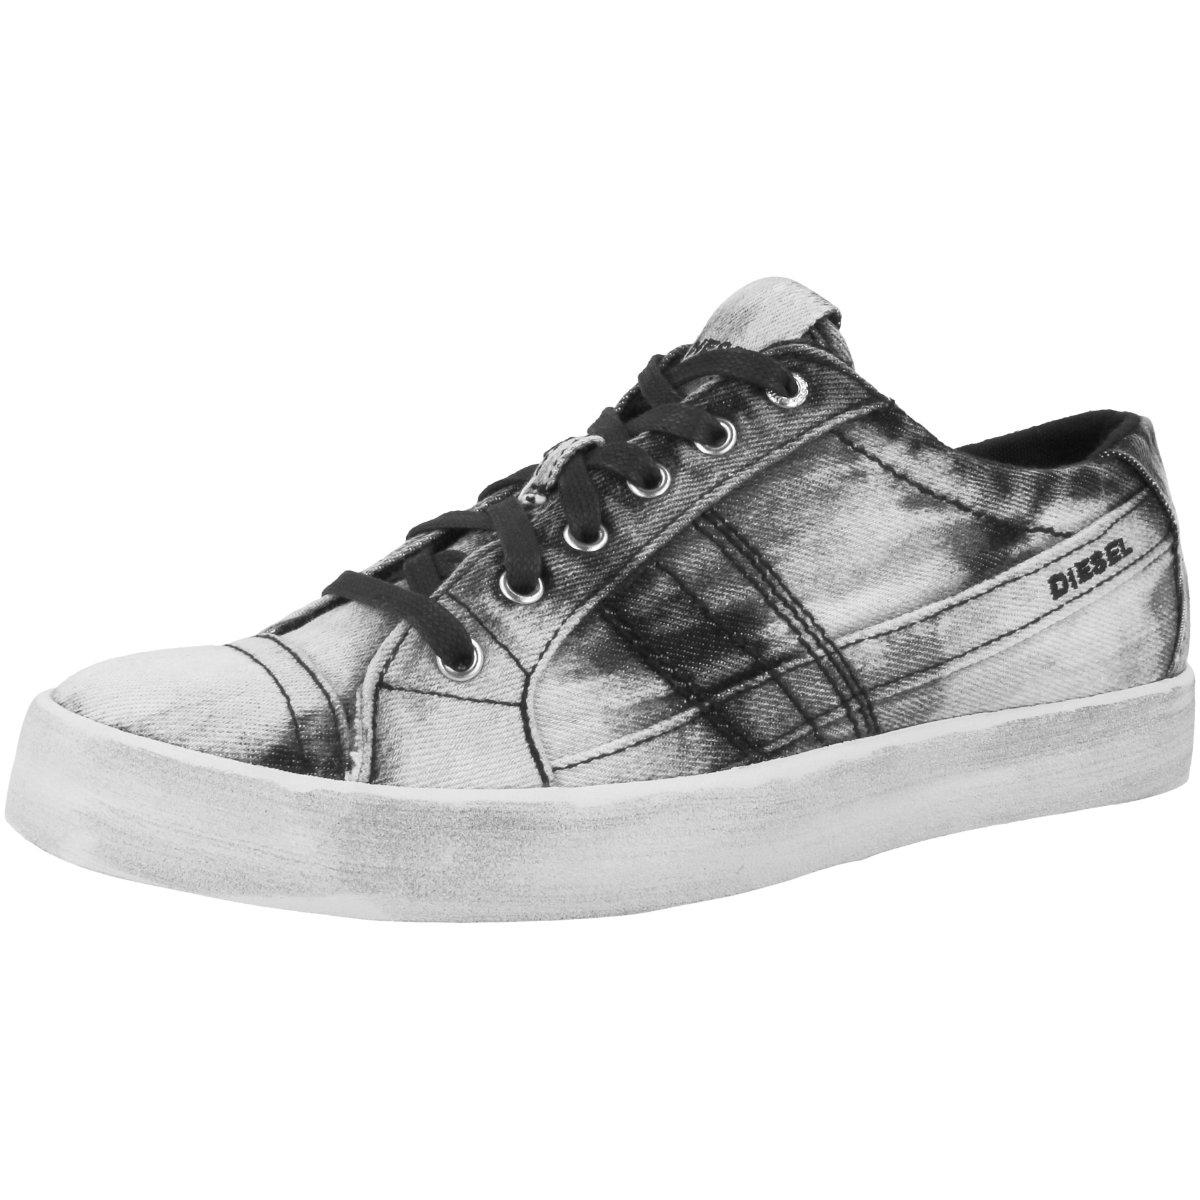 DIESEL Weiblich D-String (Y01691-ps815-t8013) Niedrig Sneaker Niedrig schwarz (Y01691-ps815-t8013) D-String 185524